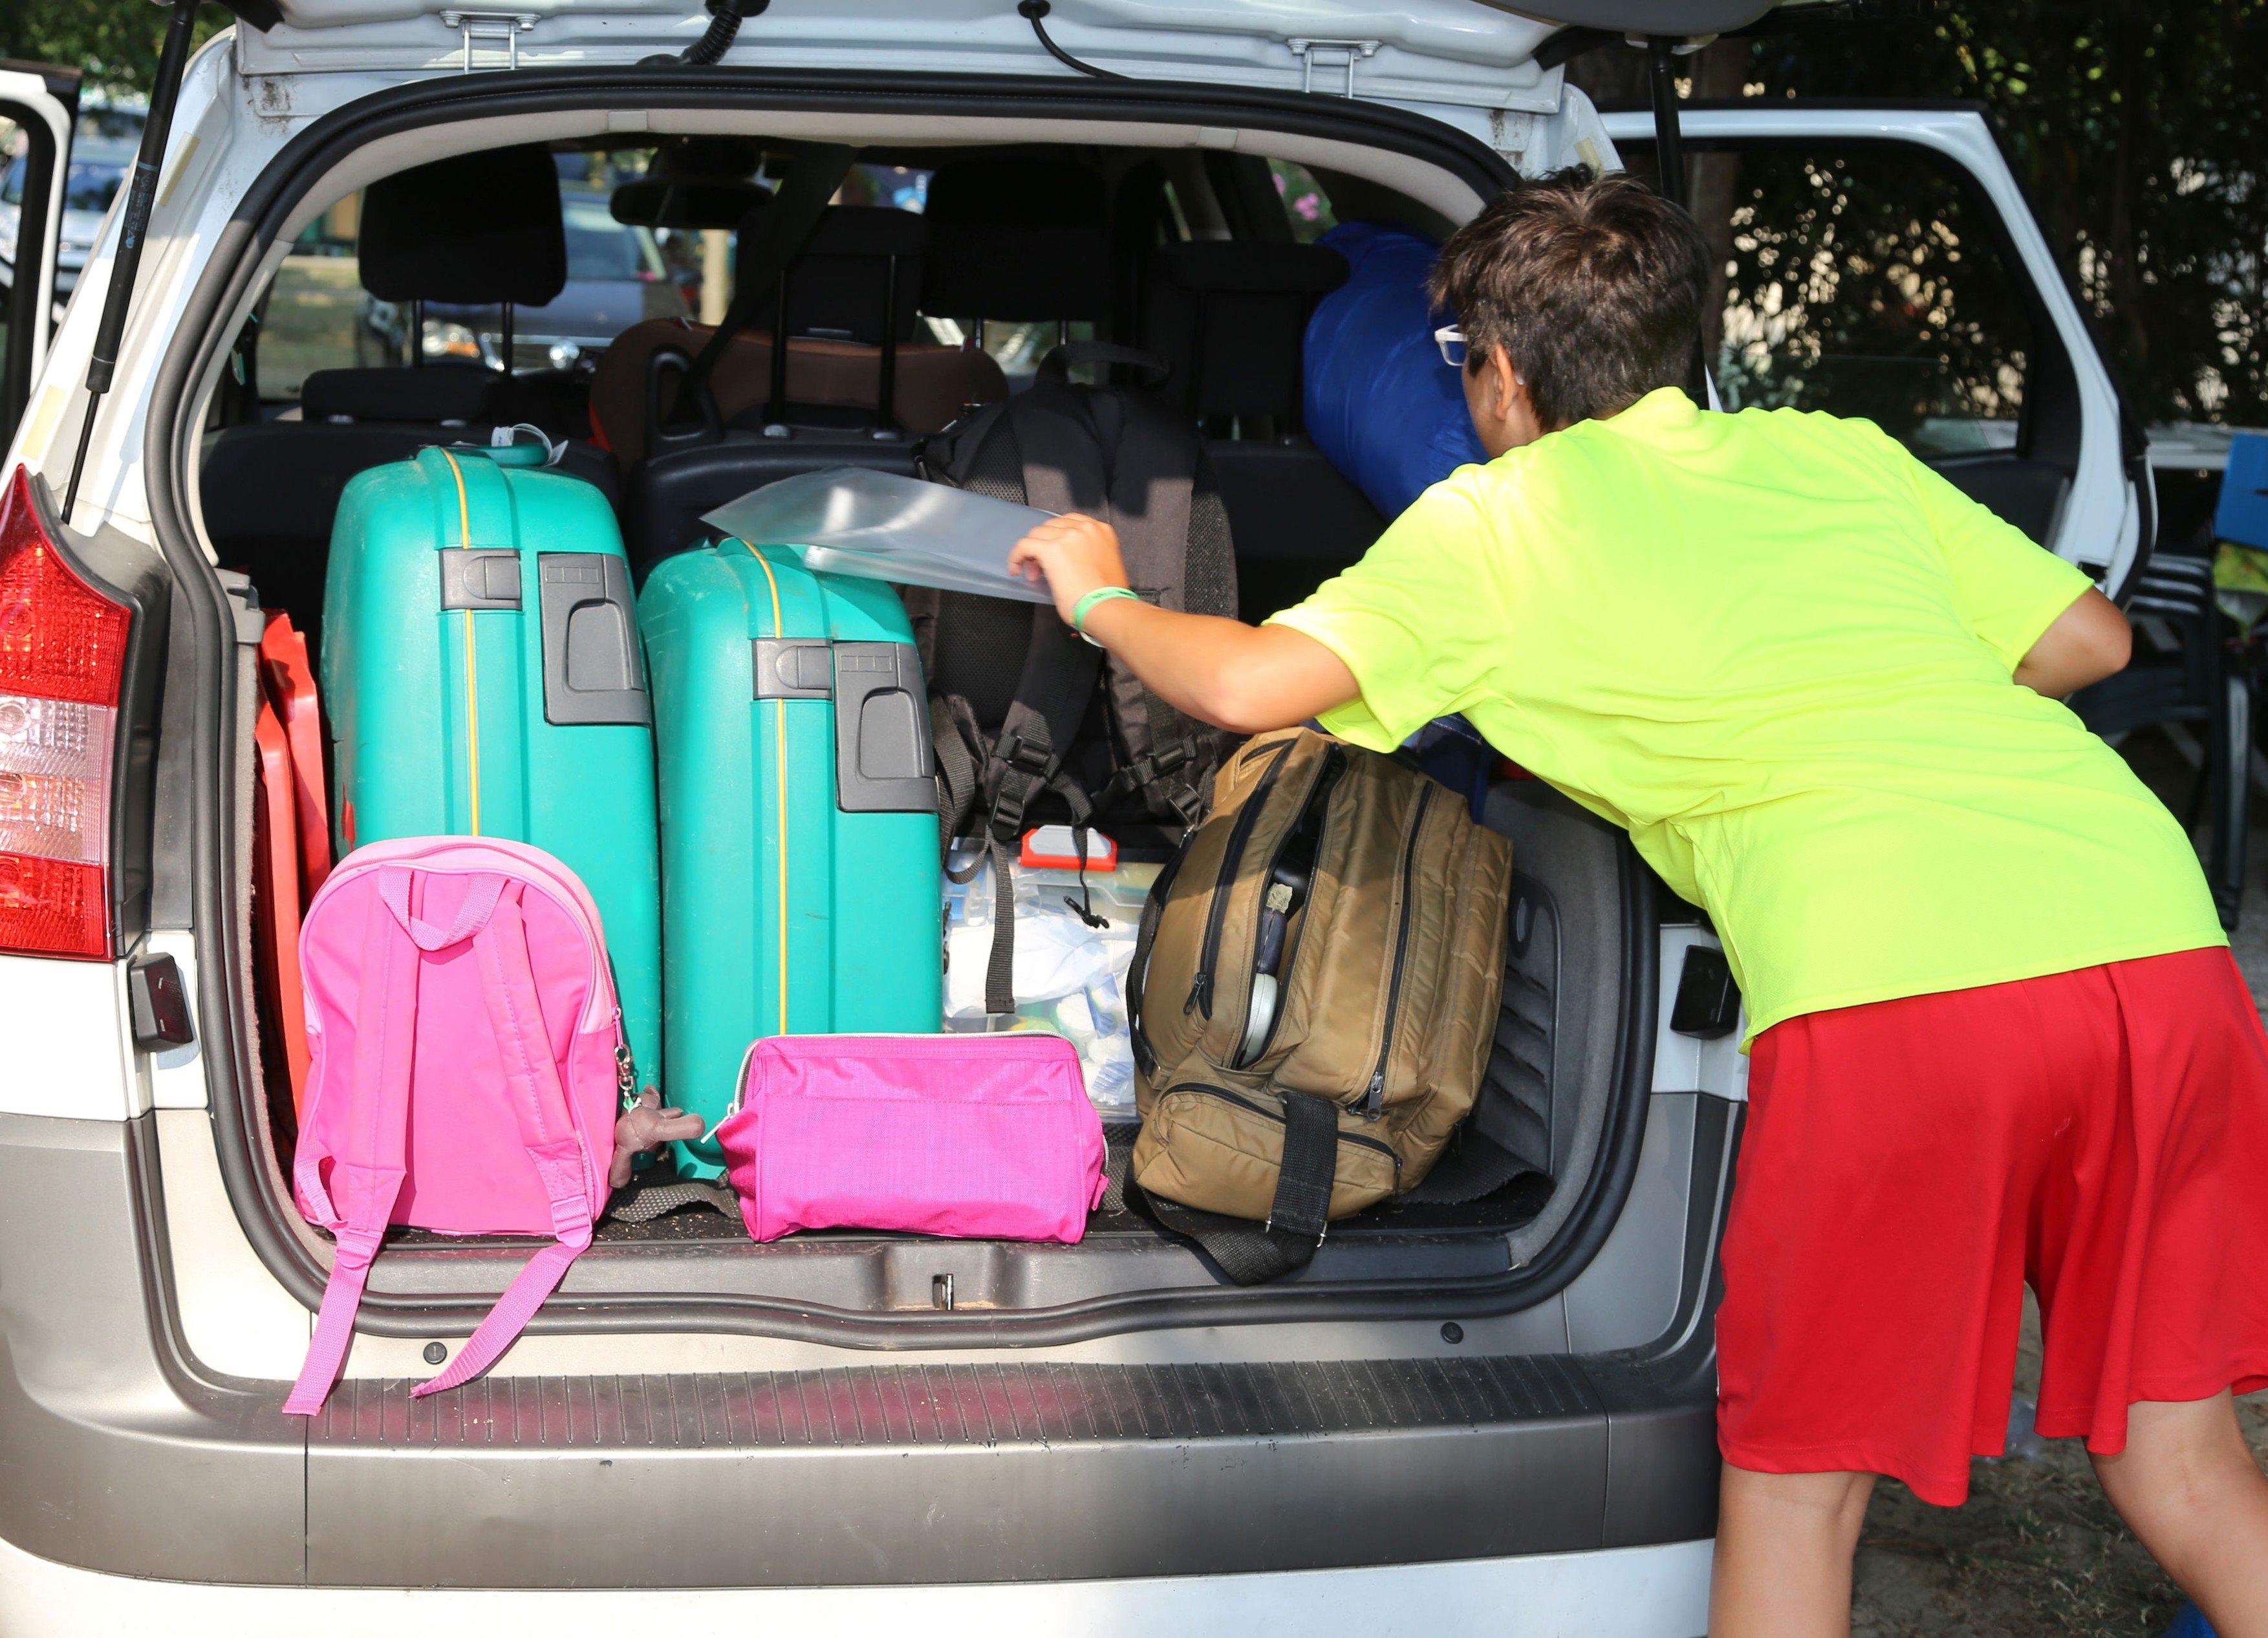 Kufry, auto, cestování, dovolená, balení